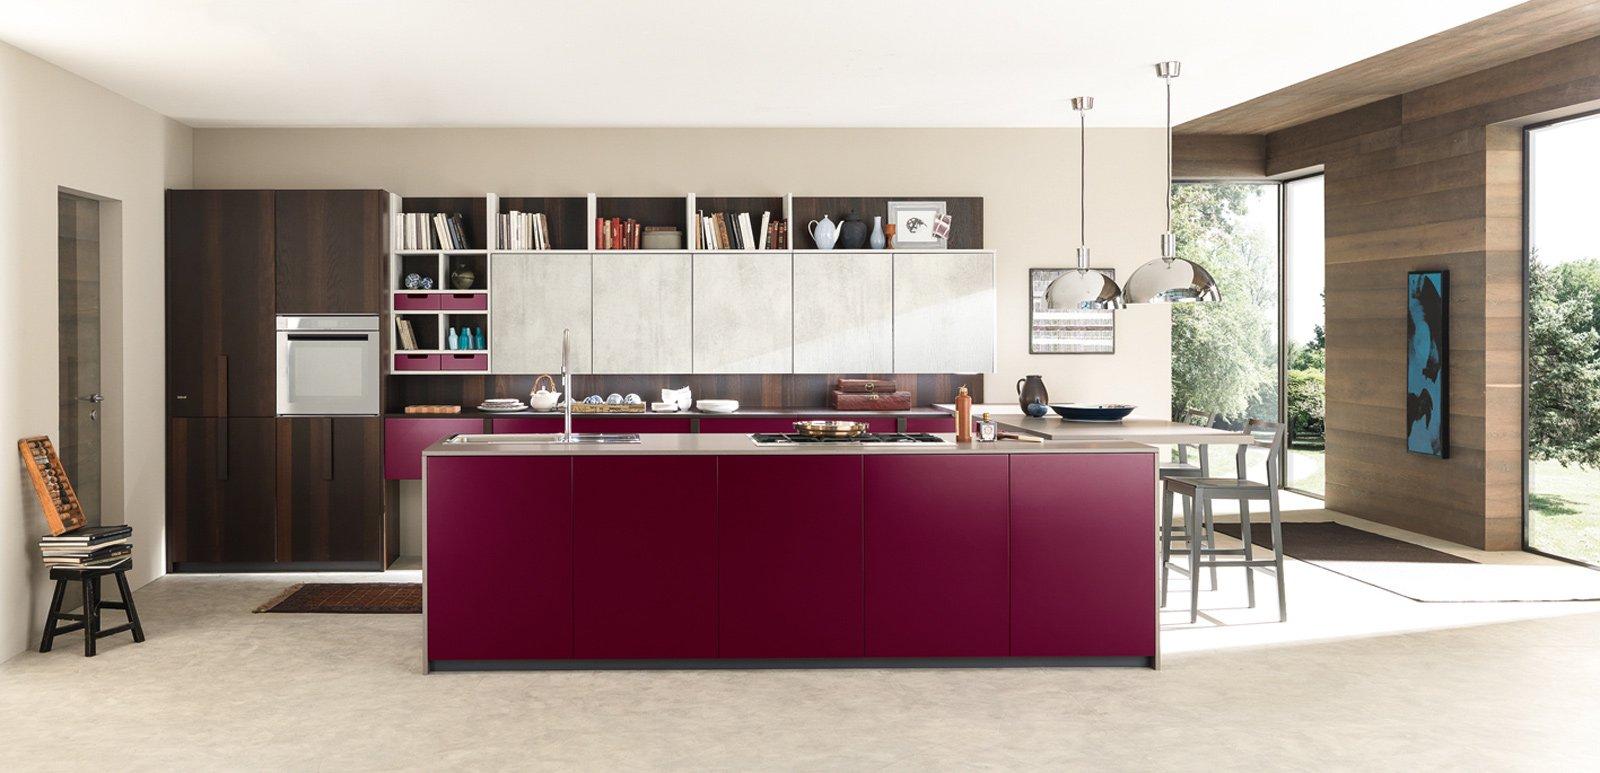 Cucina contenere di pi con tanti pensili o pensili grandi cose di casa - Dimensioni pensili cucina ...